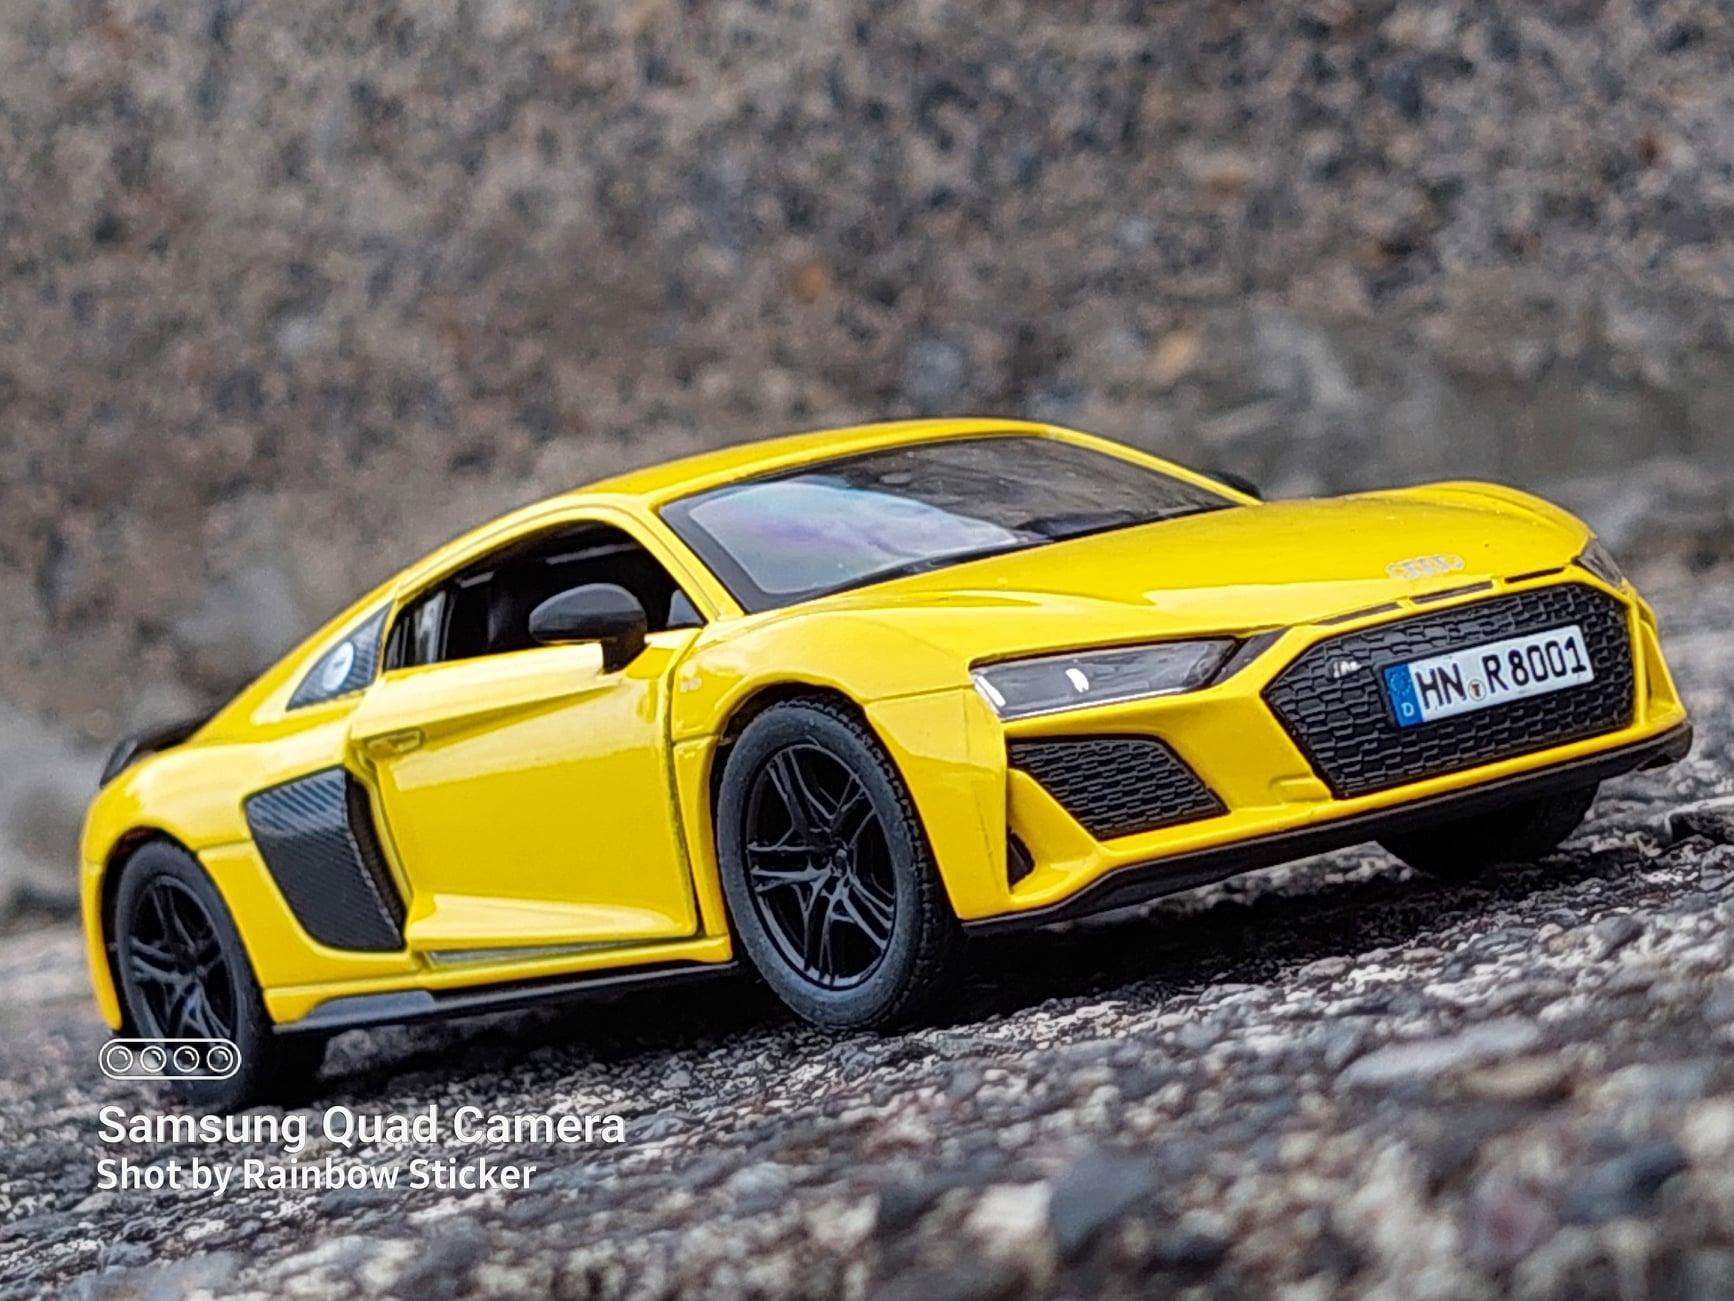 Kinsmart 2020 Audi R8 Coupé - 1:36 scale diecast (5 inches)